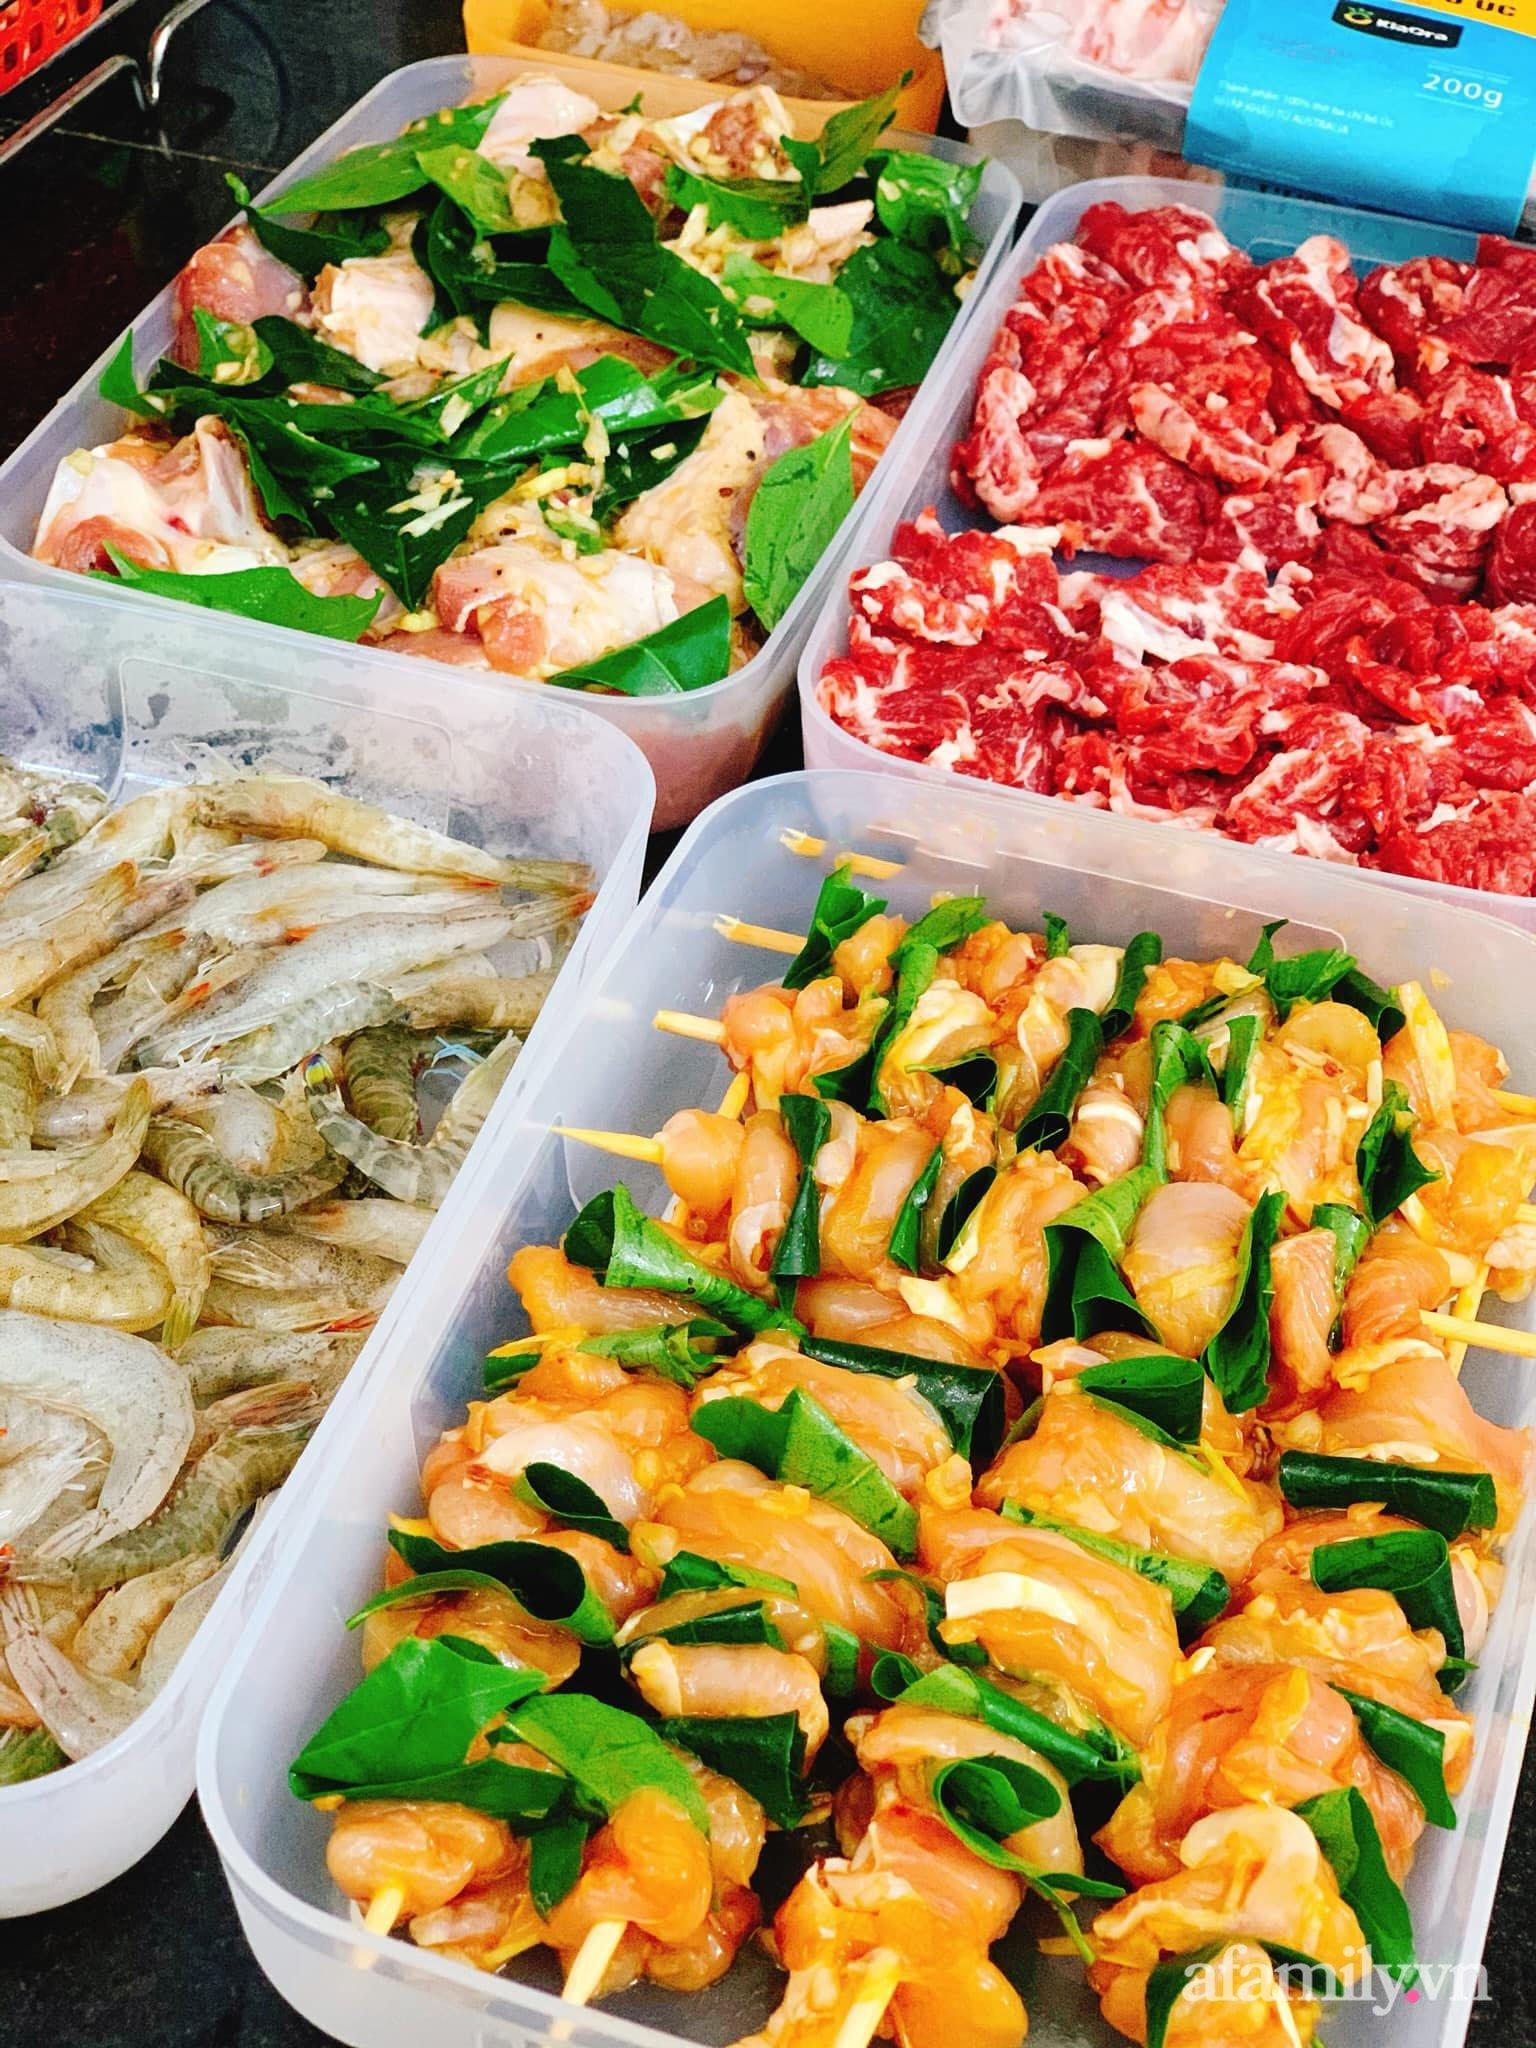 Bà nội trợ ở Quảng Ninh tiết lộ 9 bí kíp chọn mua thực phẩm tươi ngon cho chị em-4